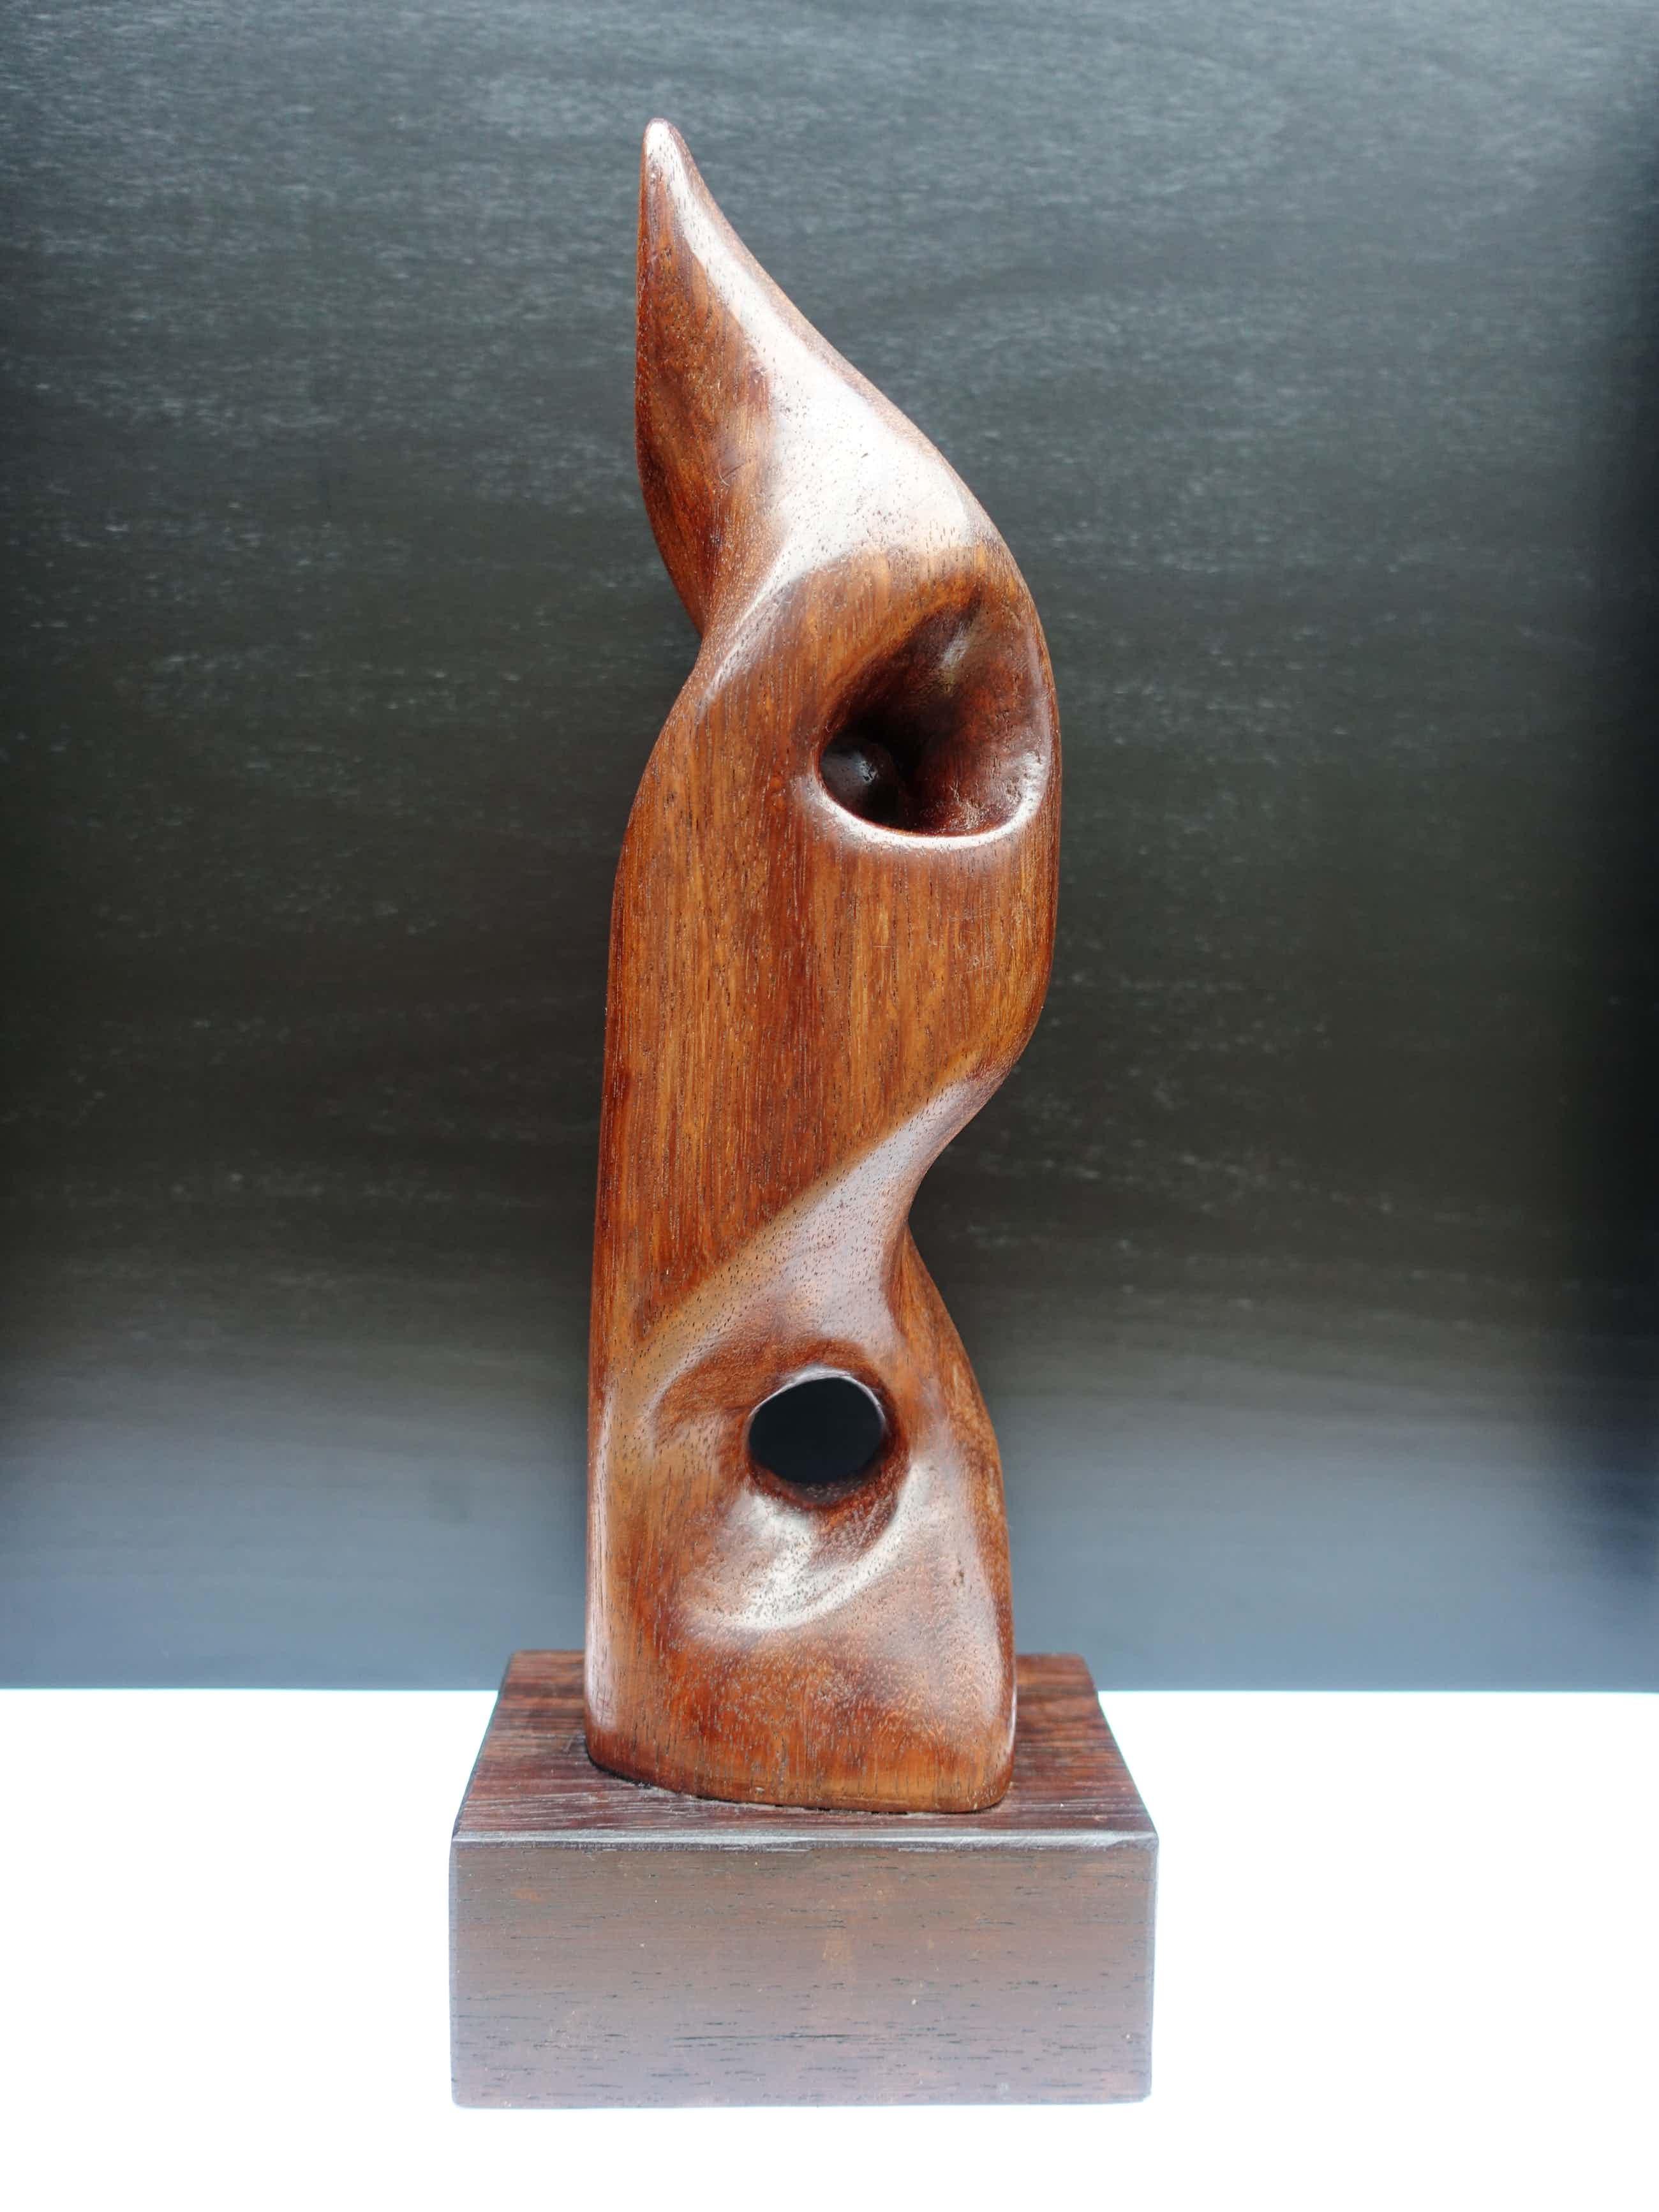 Dolf Breetvelt - Abstracte compositie in hout kopen? Bied vanaf 579!